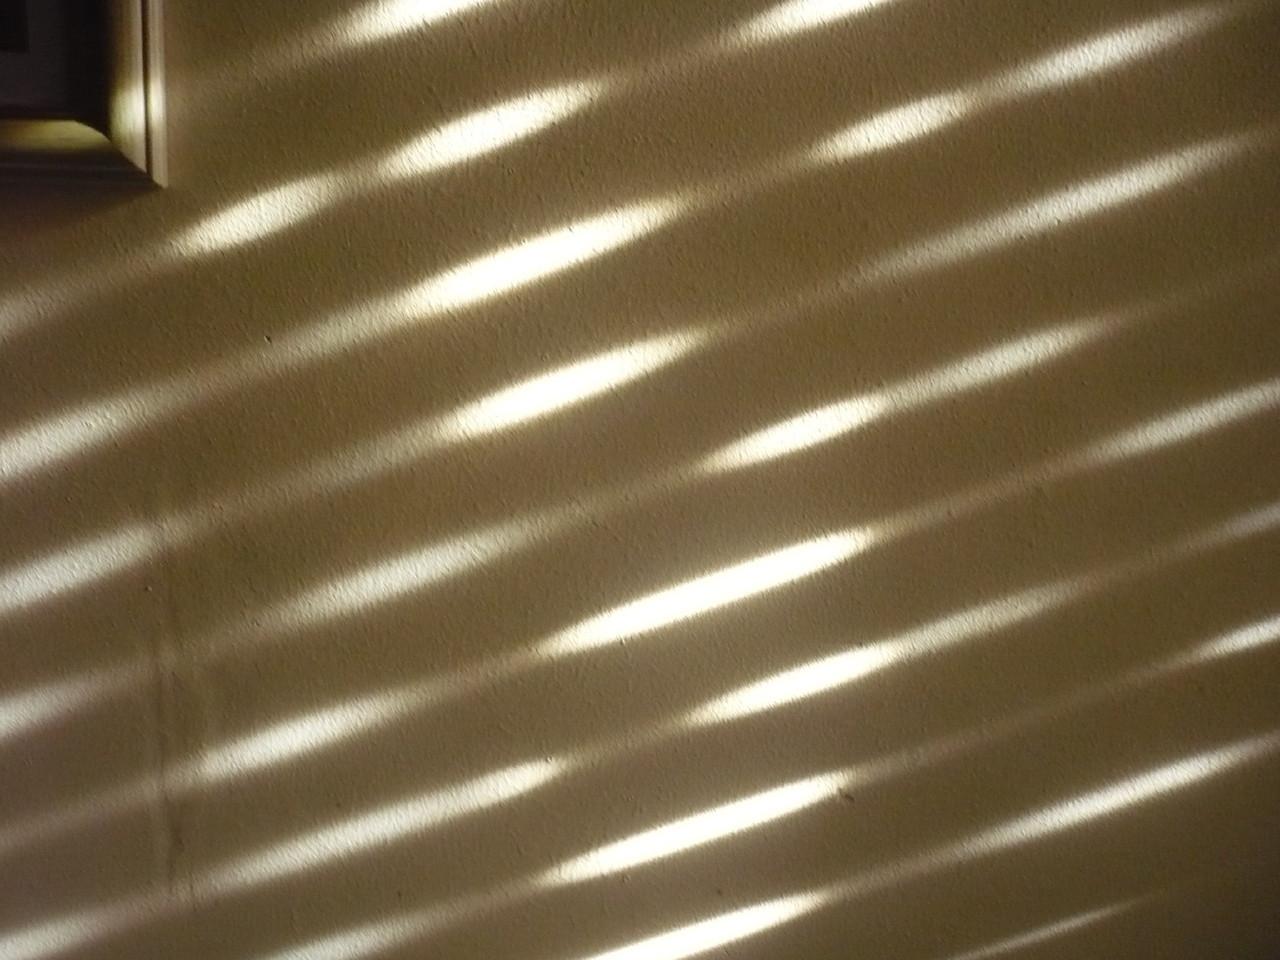 Bordado de luz e sombra.JPG